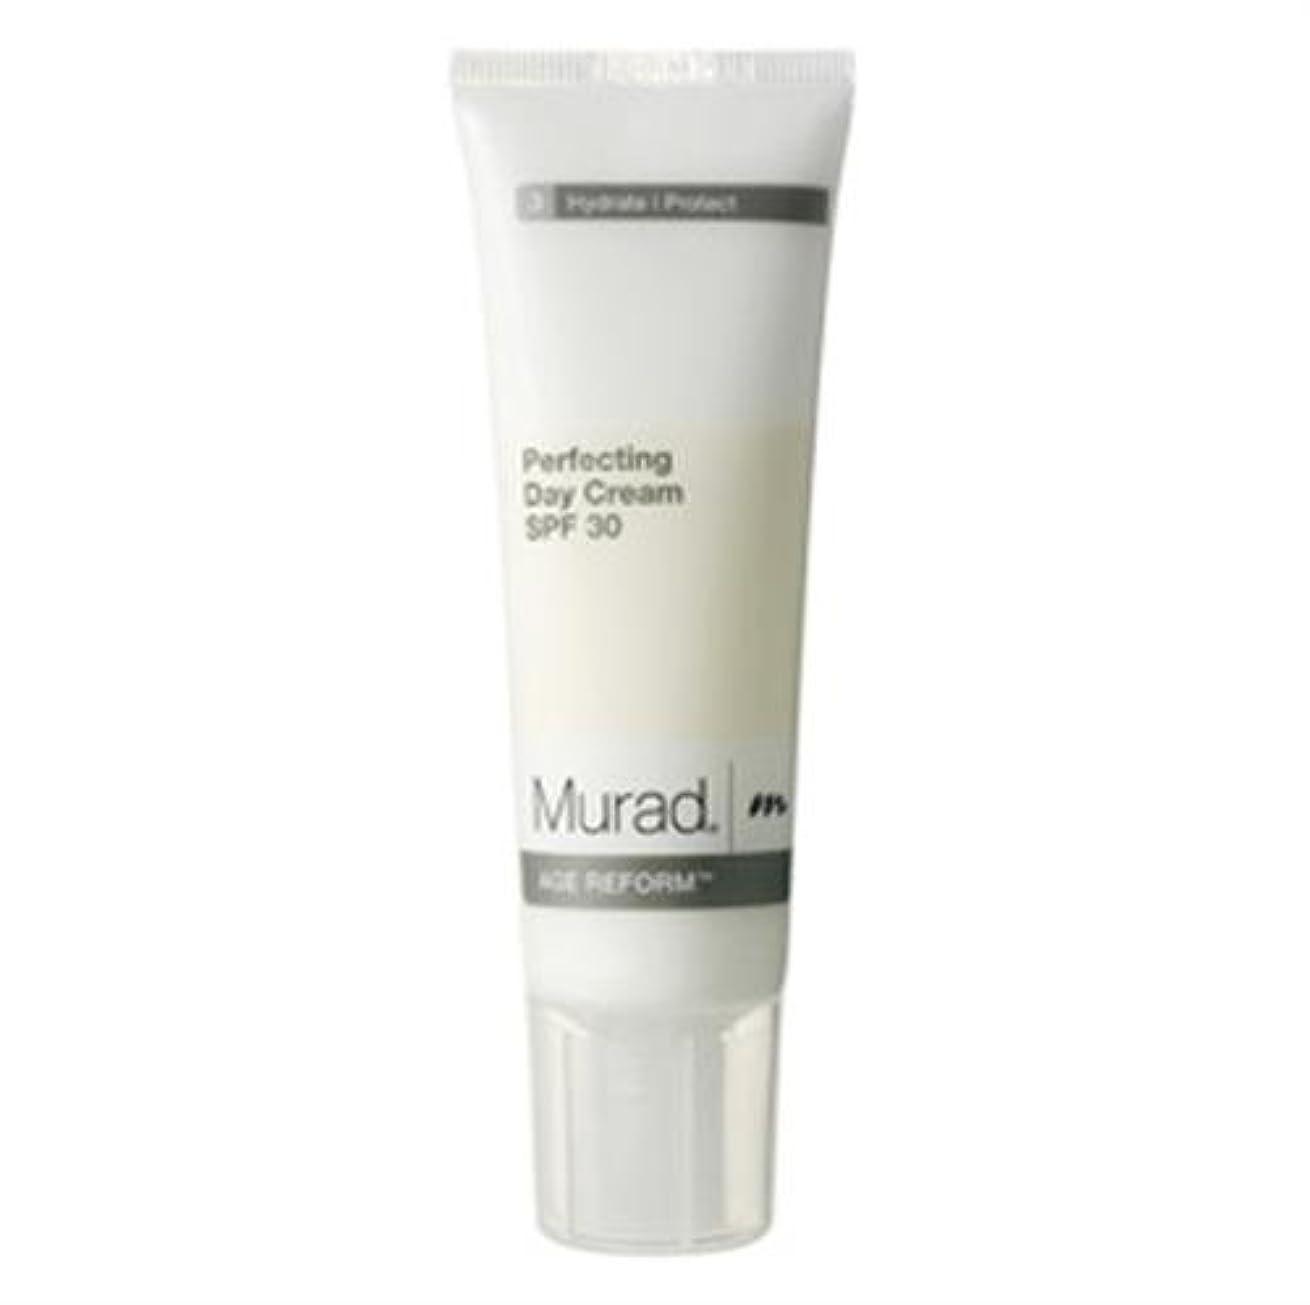 バイバイ論理的に私たちのものミュラド Perfecting Day Cream SPF30 - Dry/Sensitive Skin (Exp. Date 03/2020) 50ml/1.7oz並行輸入品